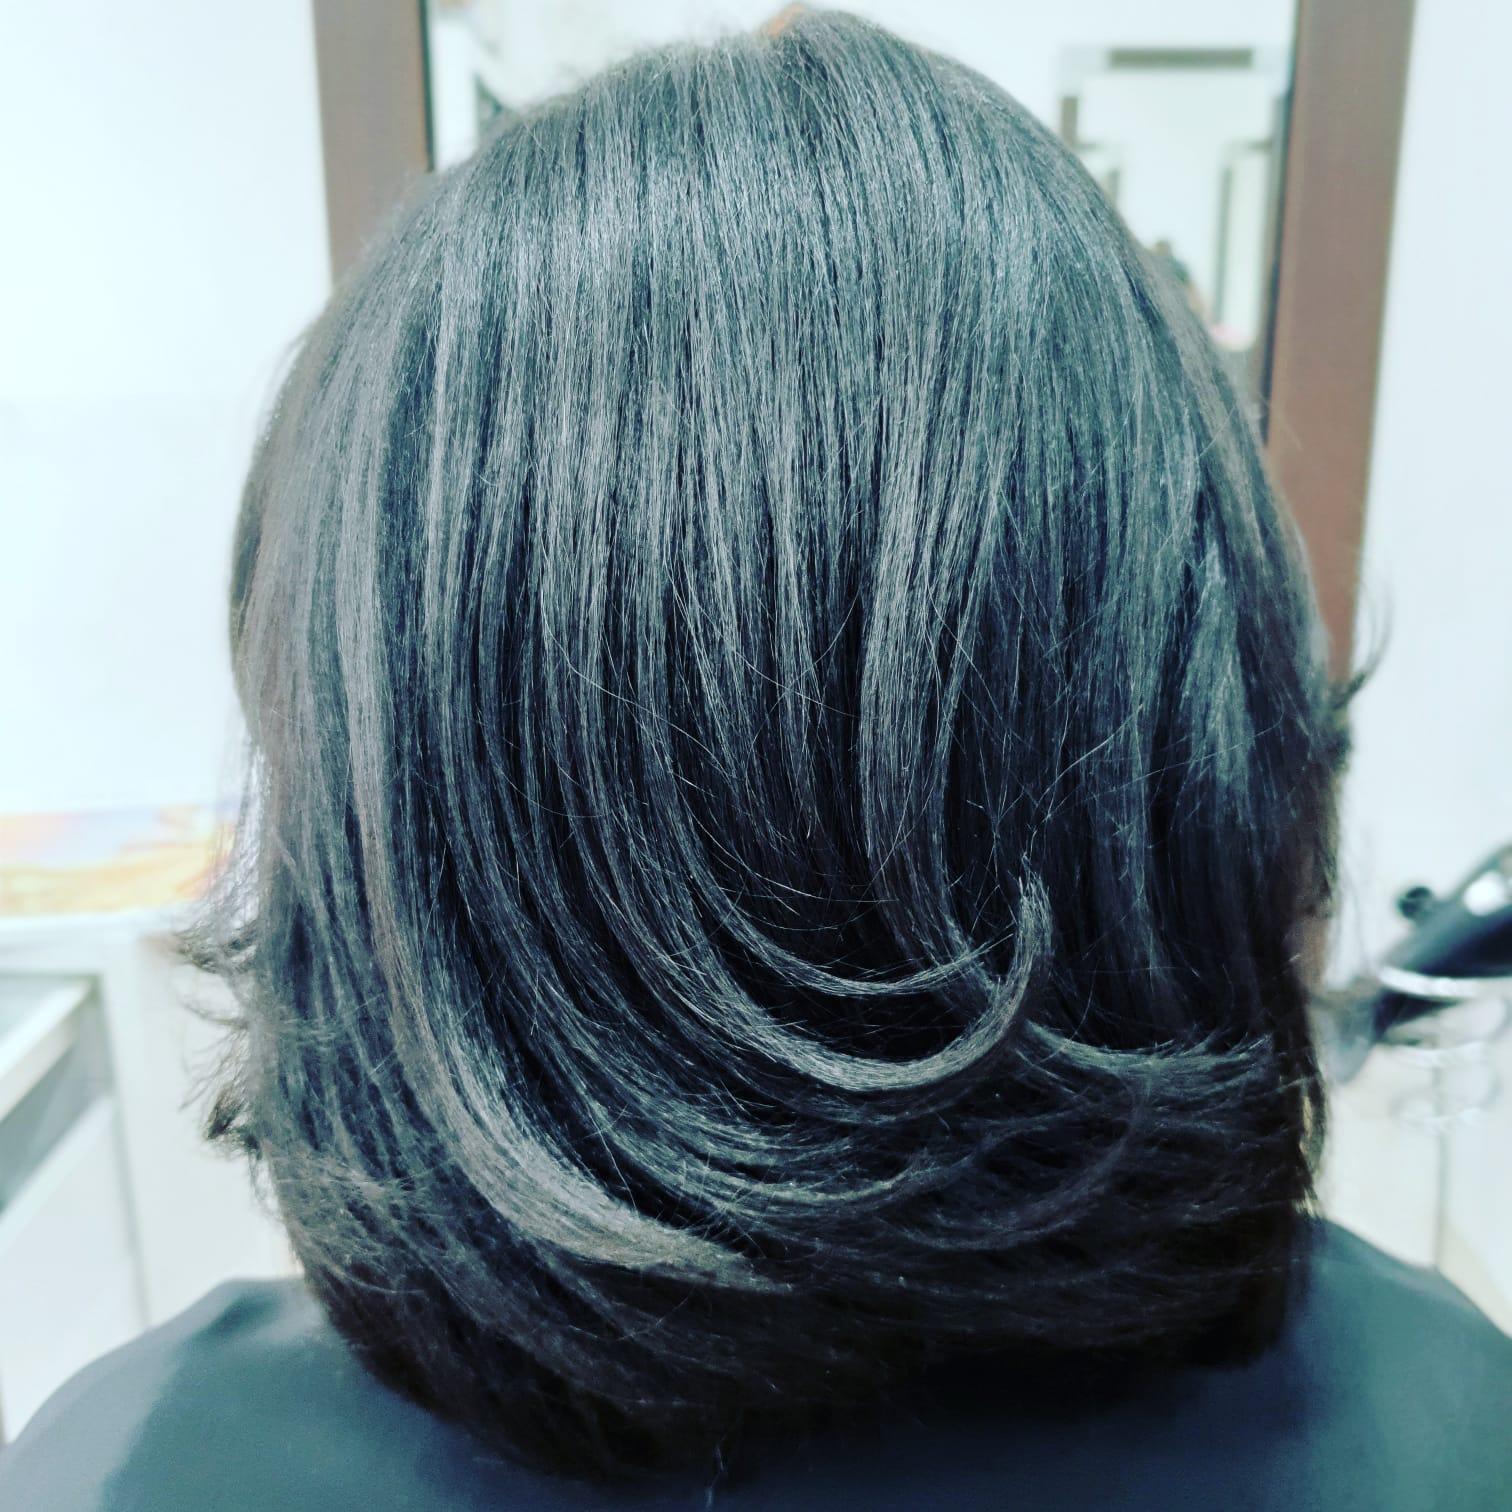 salon de coiffure afro tresse tresses box braids crochet braids vanilles tissages paris 75 77 78 91 92 93 94 95 MHWNQQTE